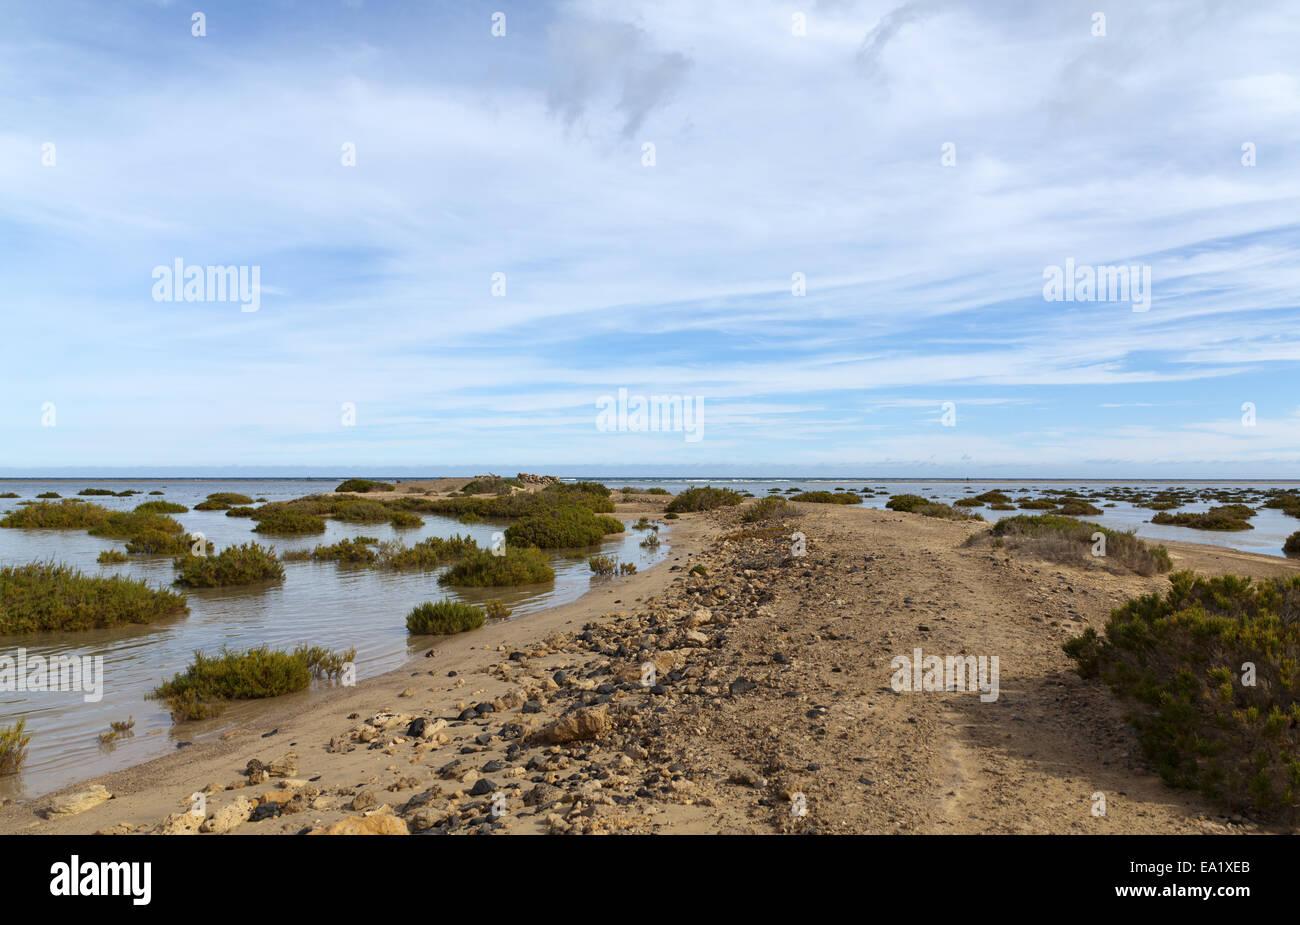 The salt marsh at Playa Barca - Stock Image